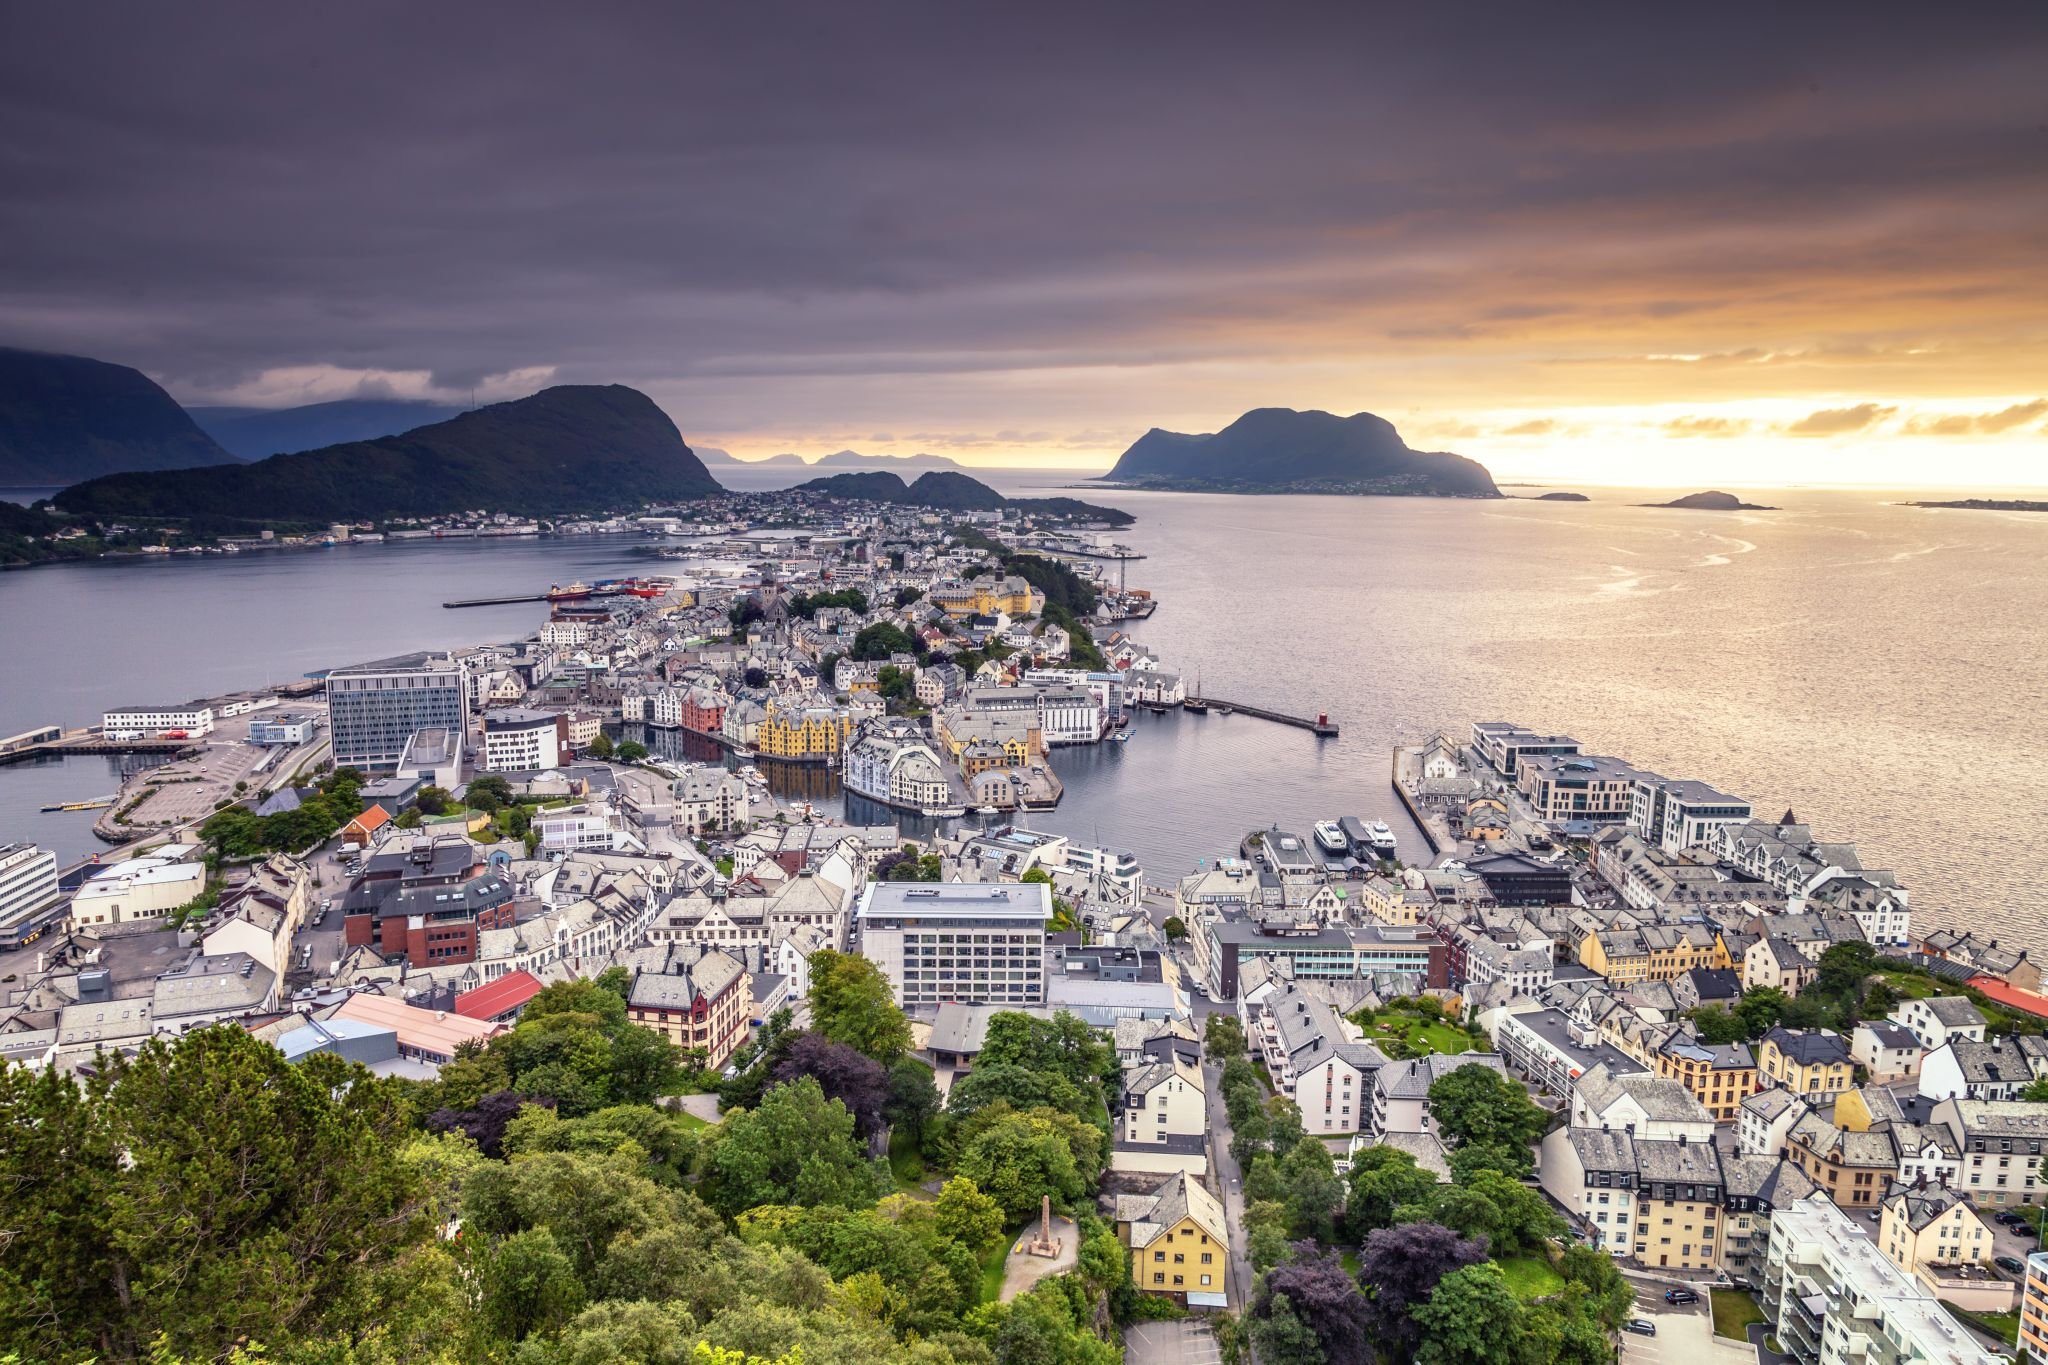 Alesund Norway, Norway